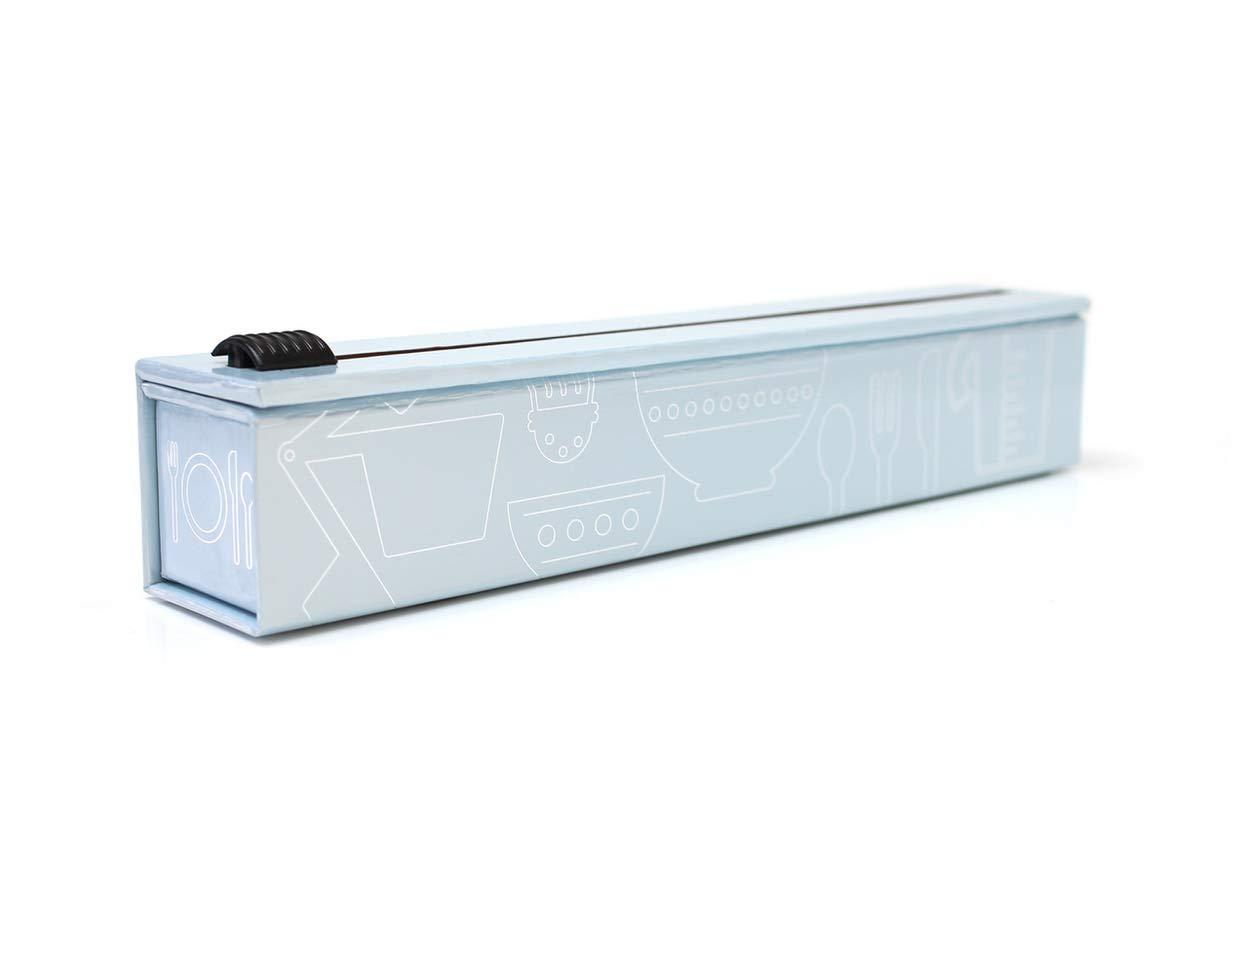 ChicWrap - Dispensador de papel de aluminio con cortador, papel de aluminio reutilizable, incluye 1 rollo de papel de cocina grueso de 300 mm x 9 m, ...